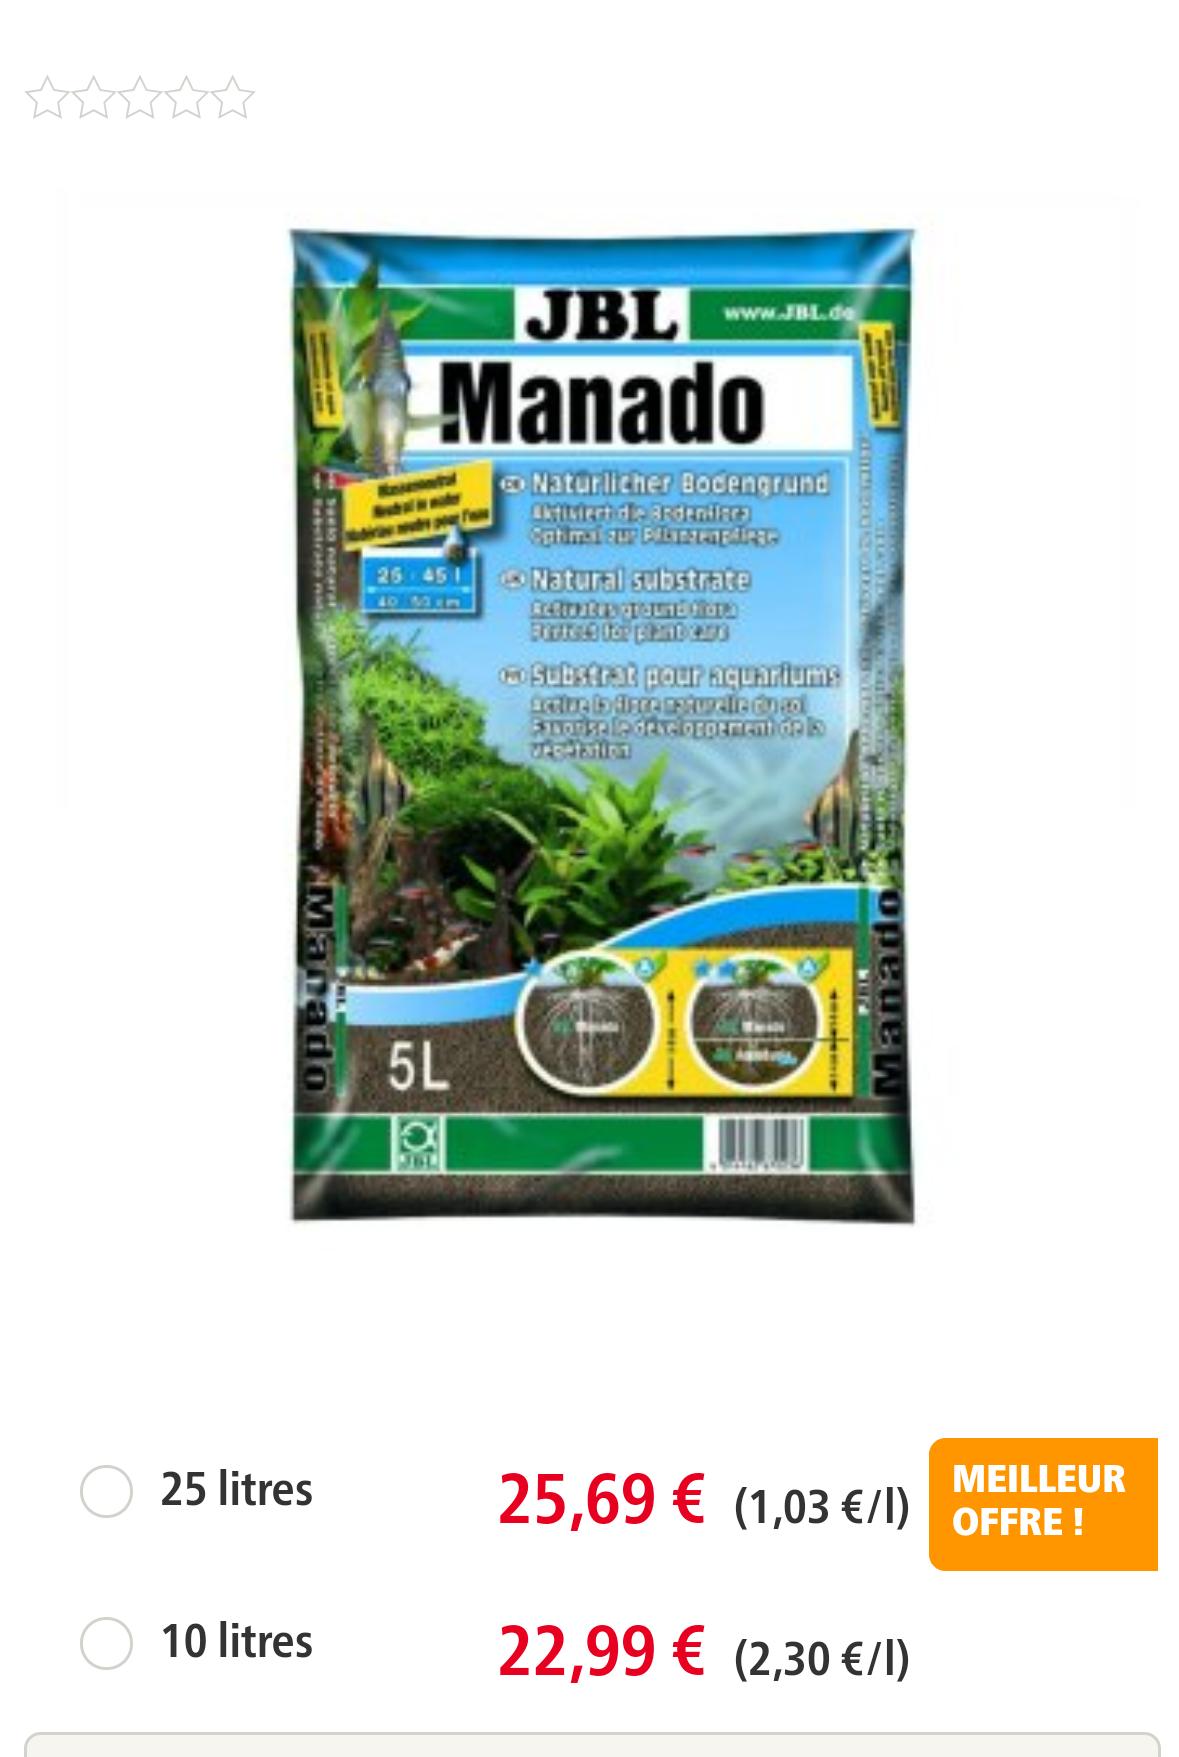 Sac de 25L de substrat pour Aquarium JBL Manado